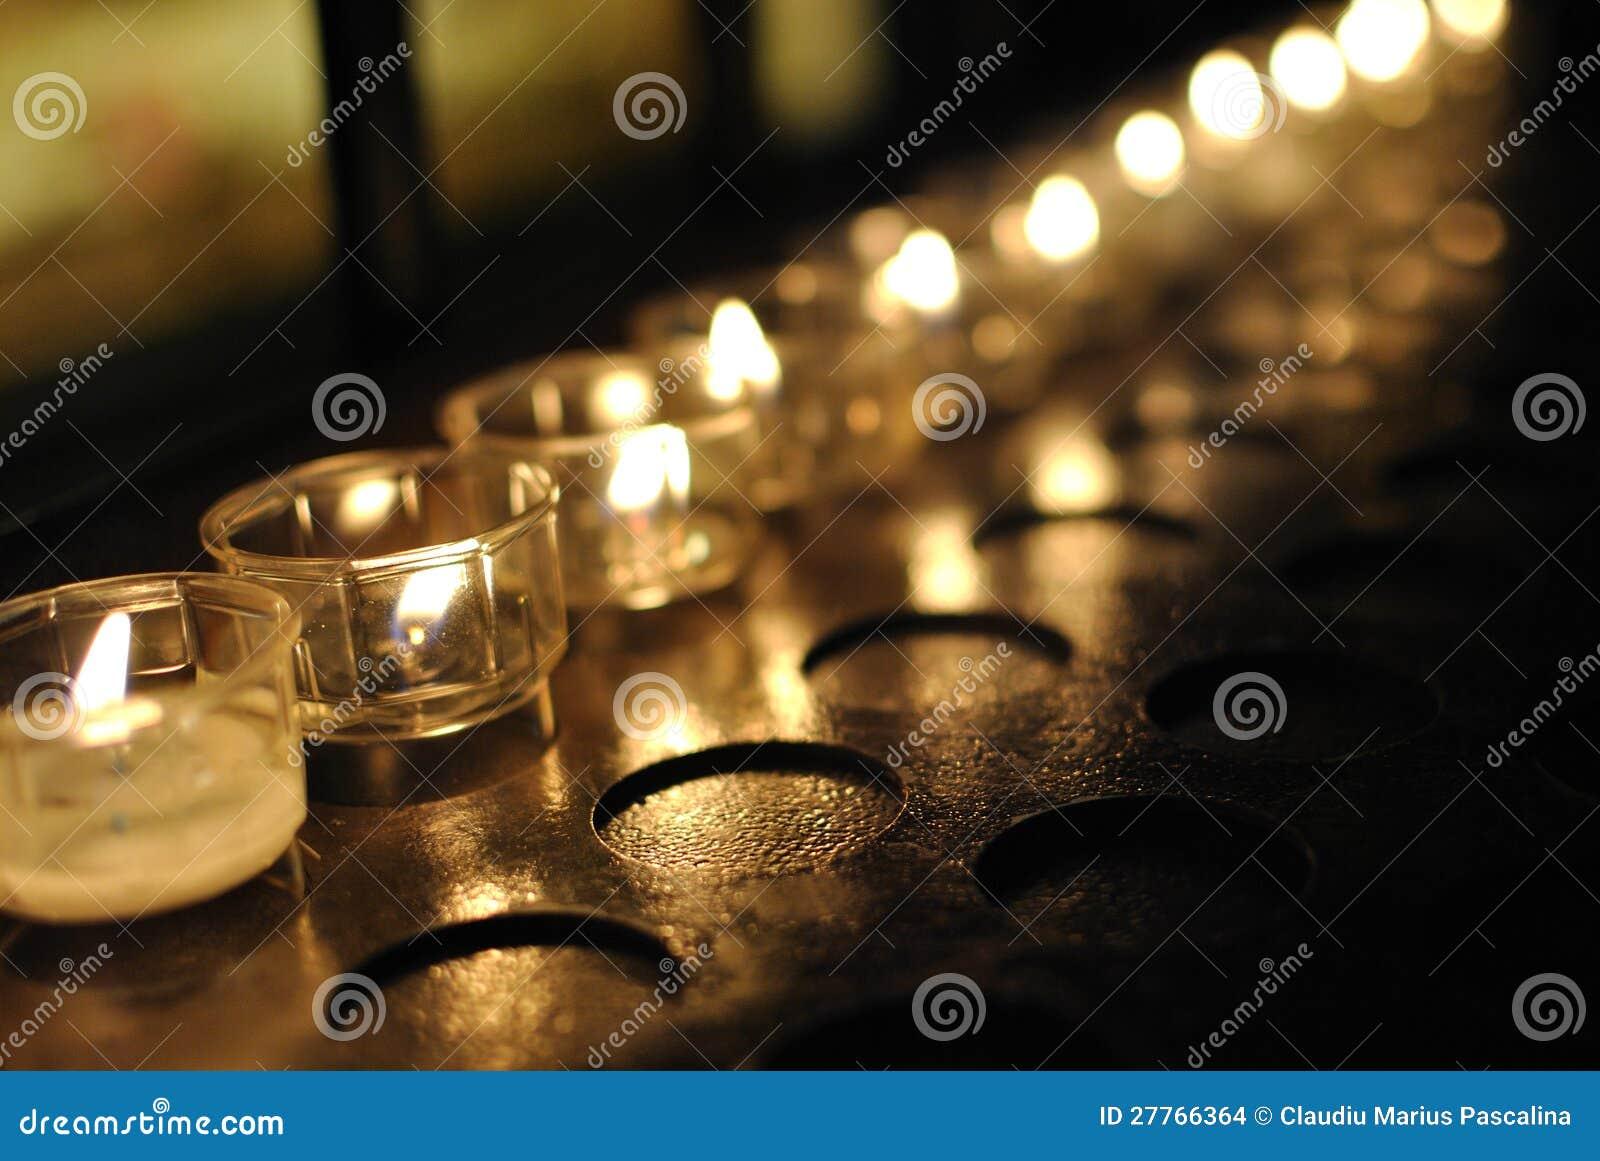 Bougies de prière dans une cathédrale